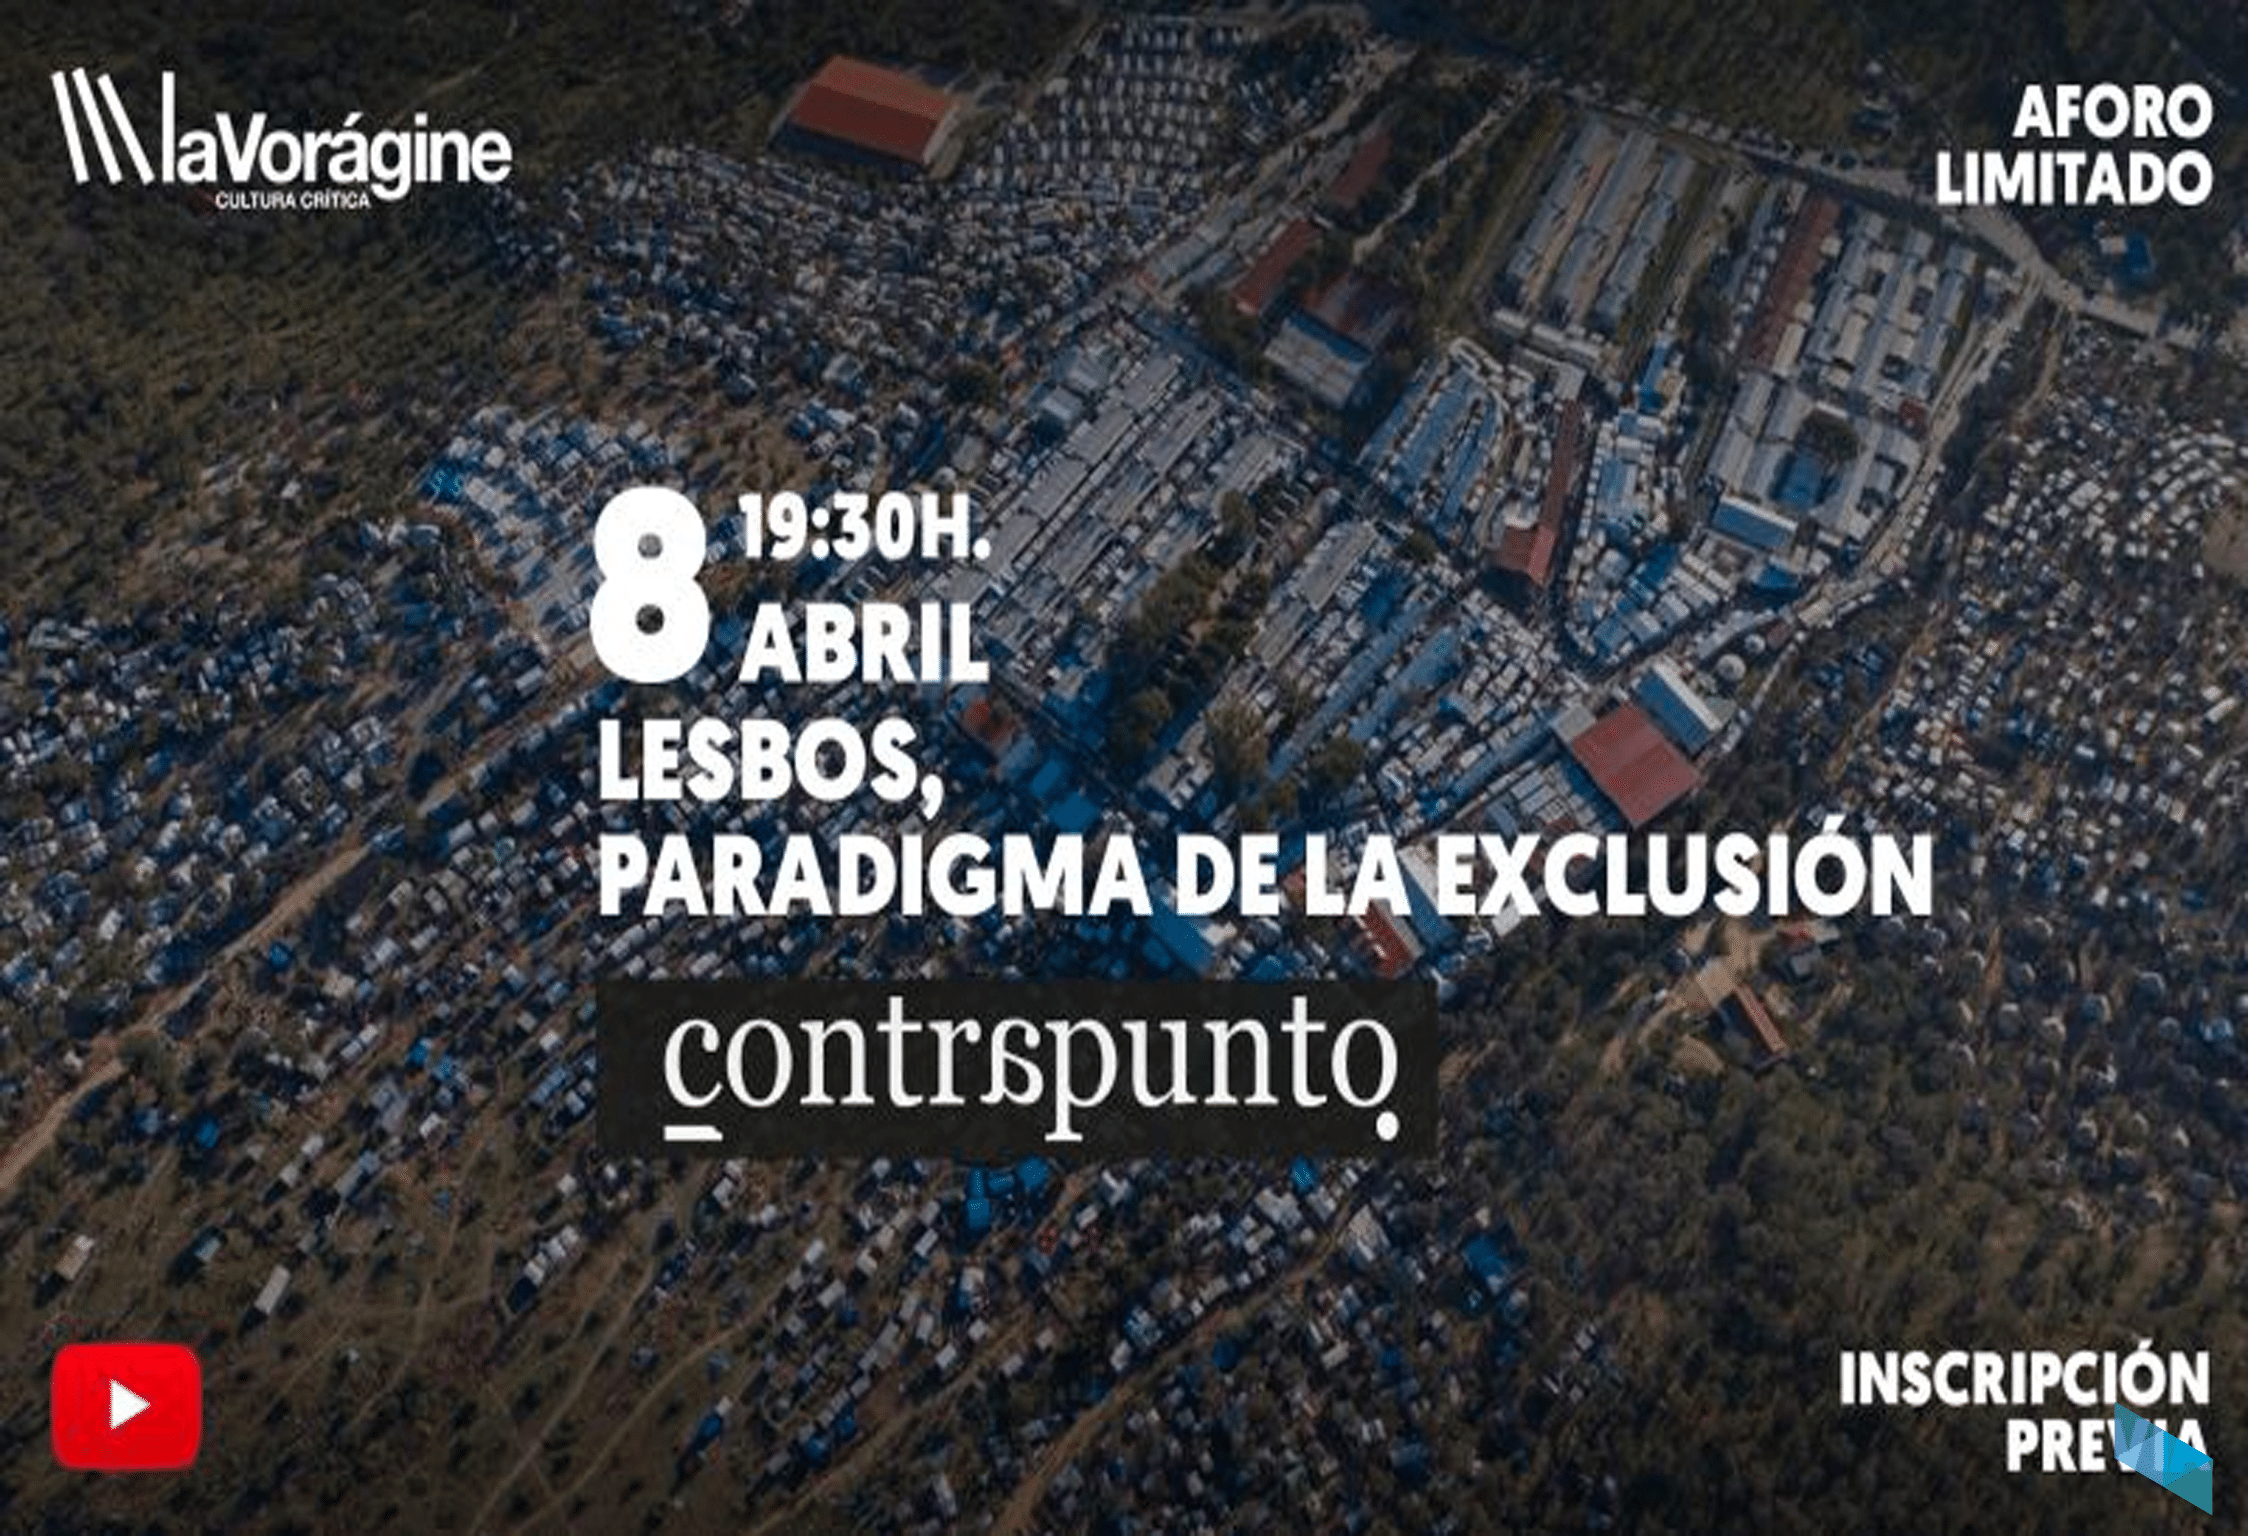 Los campos de refugiados en Lesbos, a debate